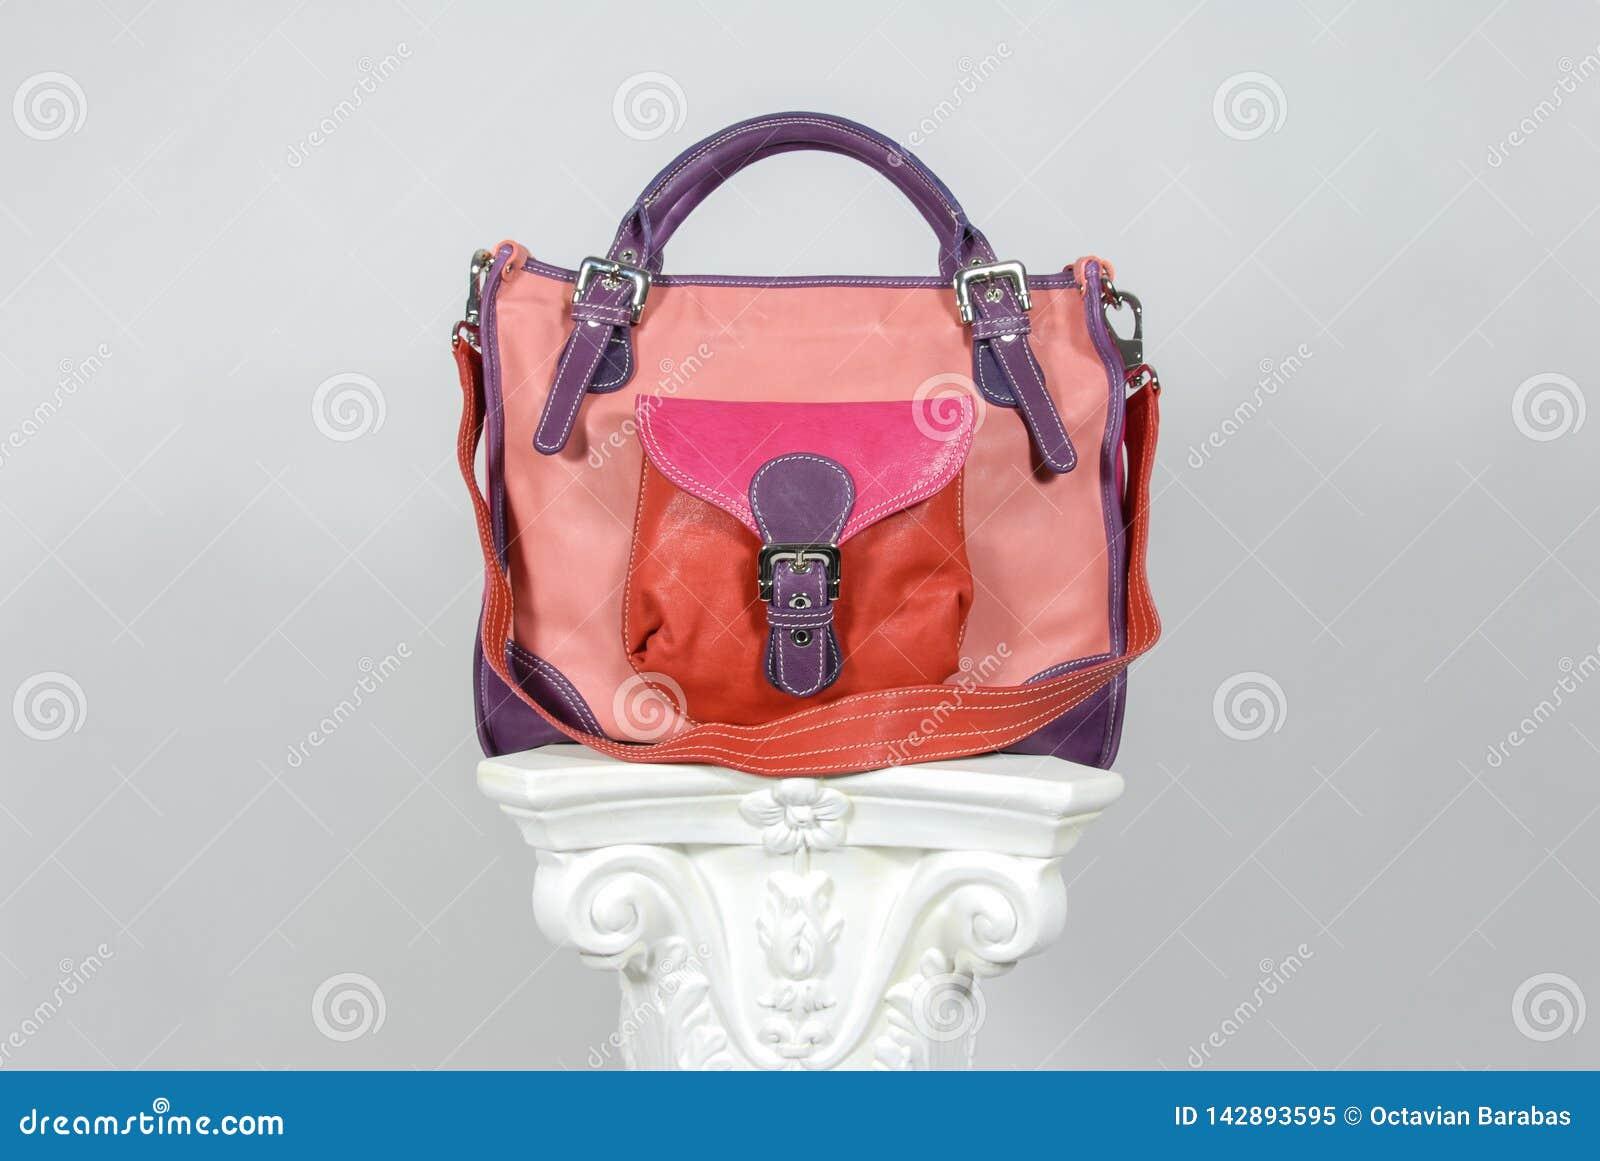 在希腊专栏的被摆正的五颜六色的皮革提包